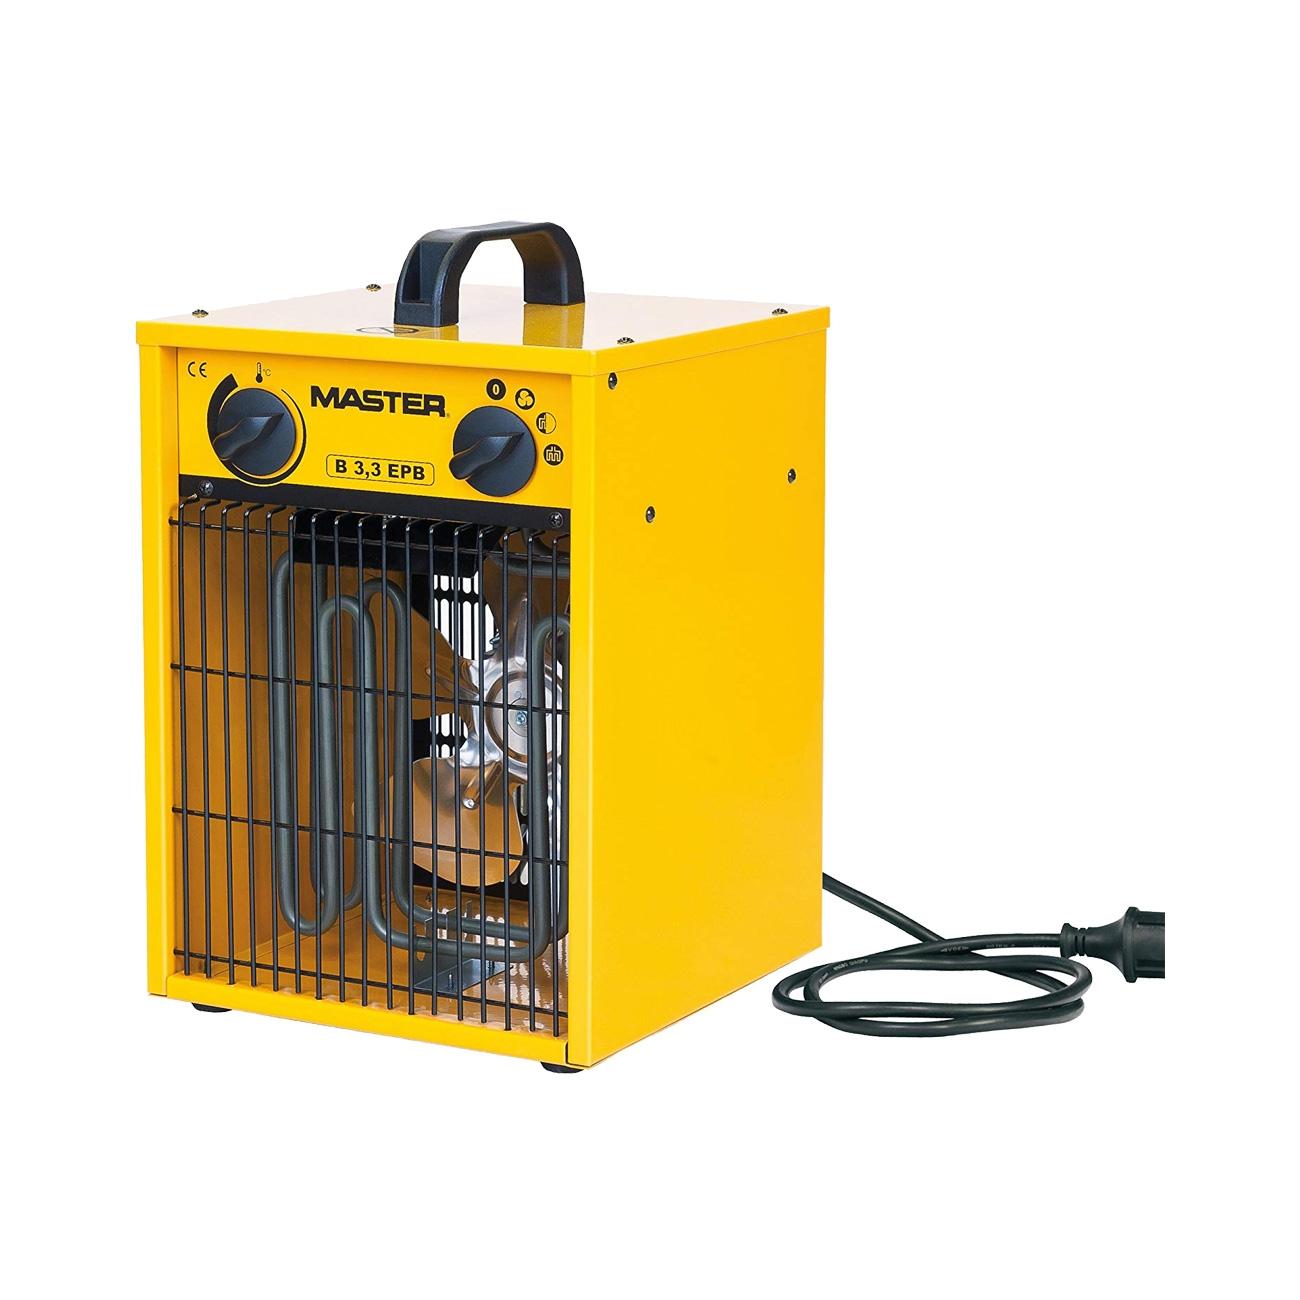 Chauffages électriques Master B3.3 EPB avec ventilateur